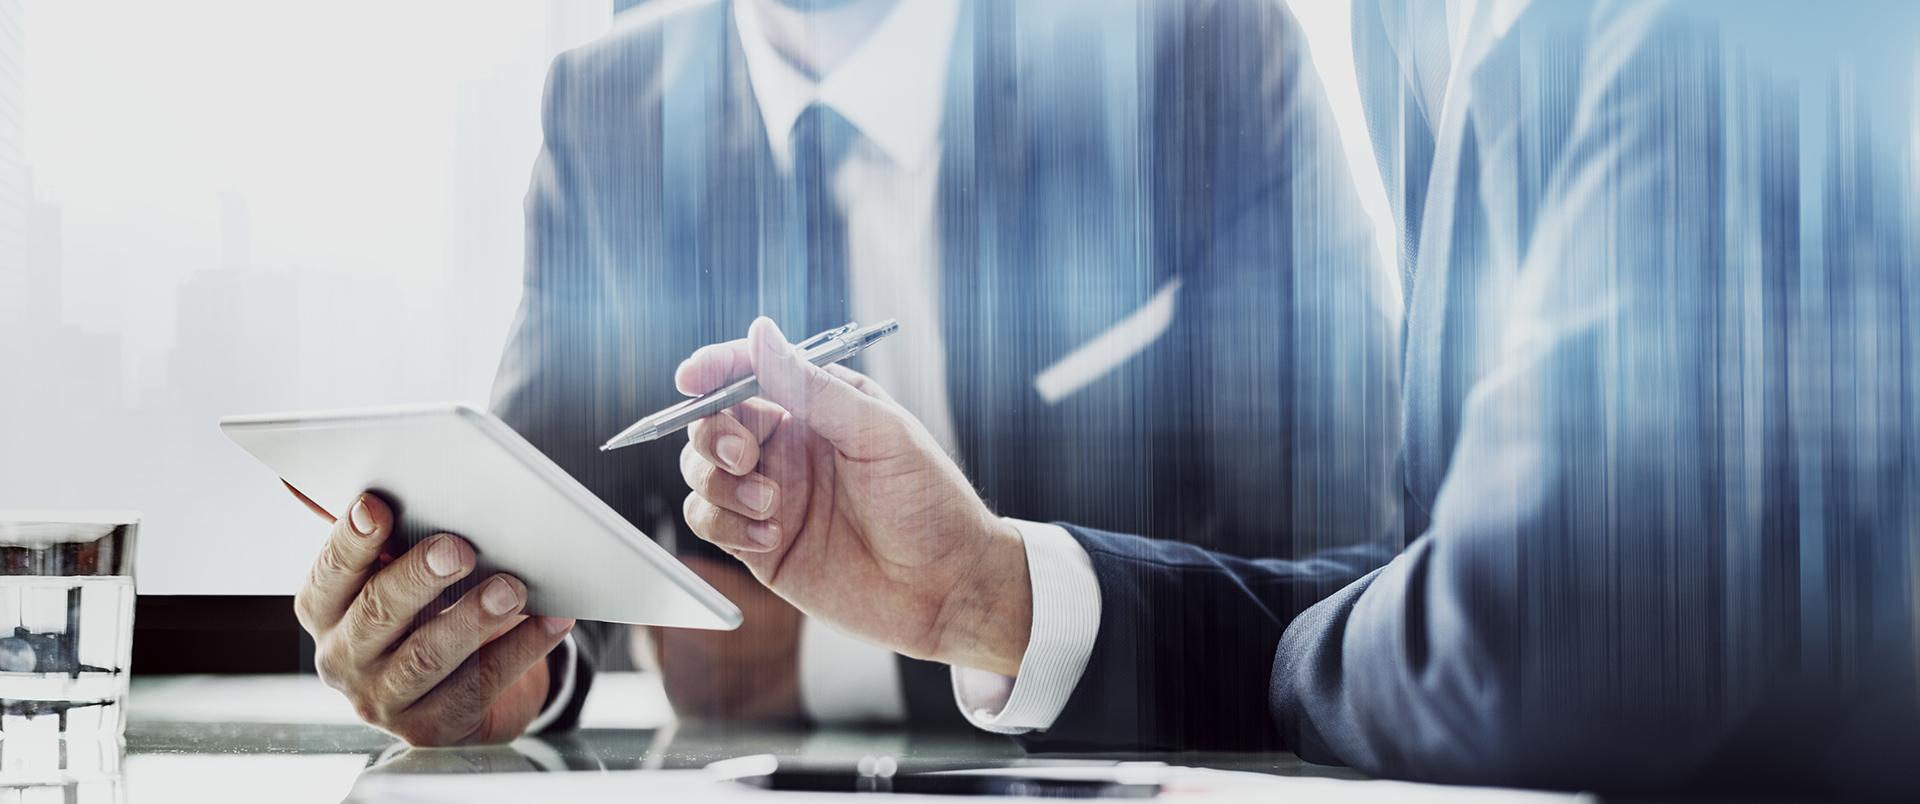 Novo incentivo à normalização da atividade empresarial e apoio simplificado para microempresas